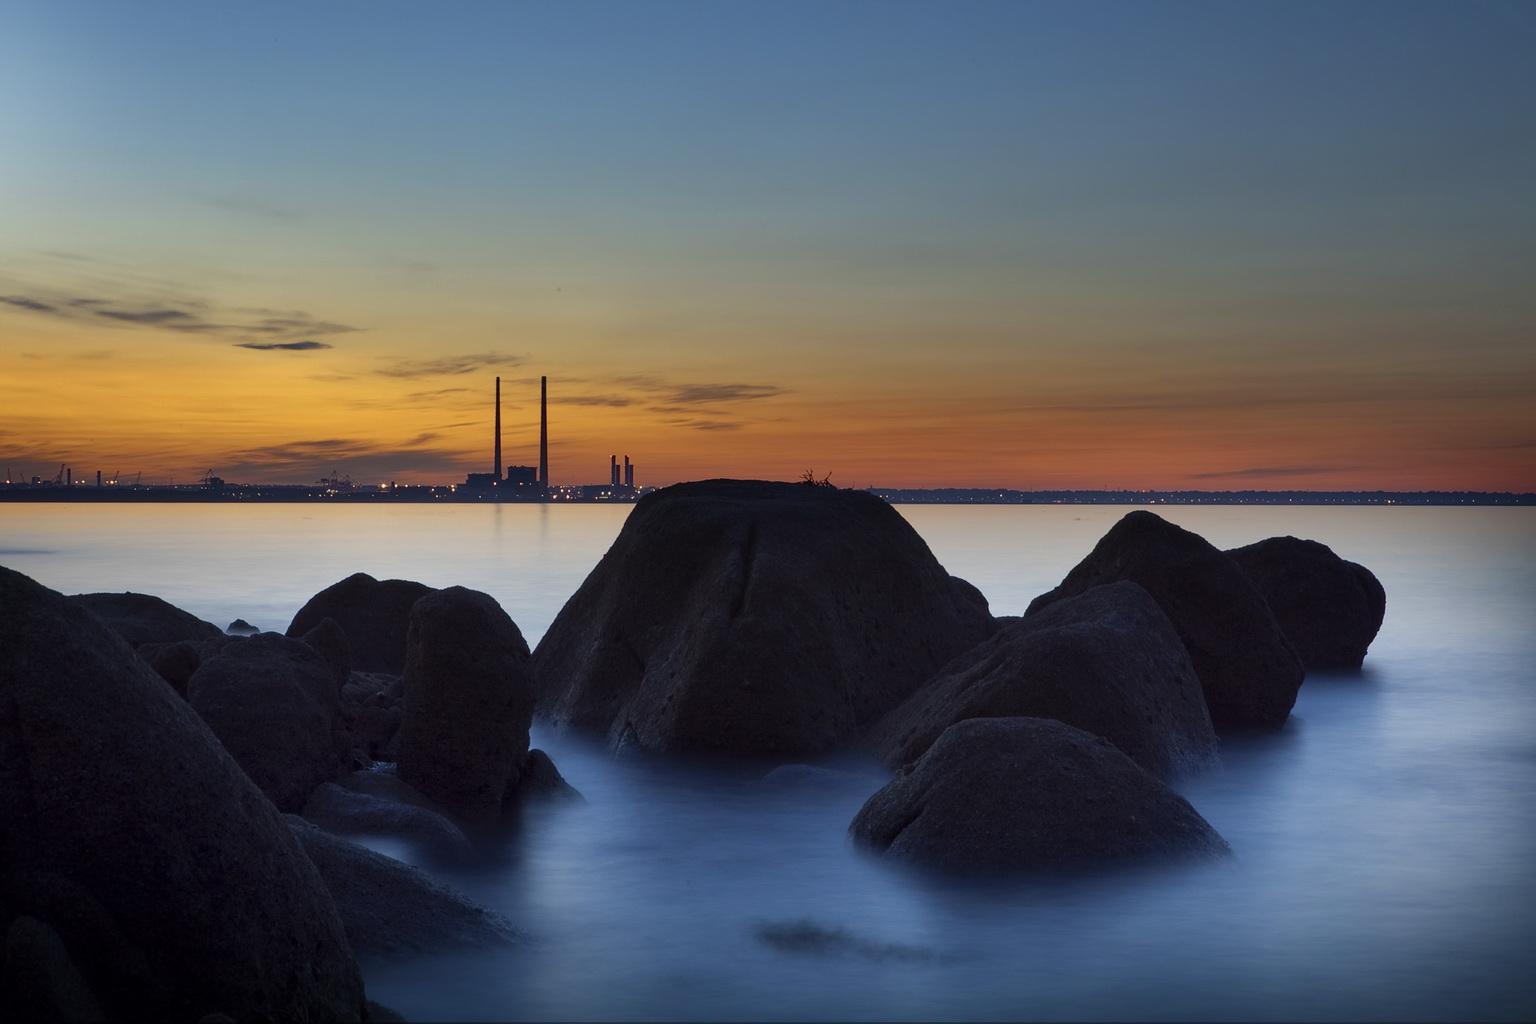 Seapoint, Co. Dublin